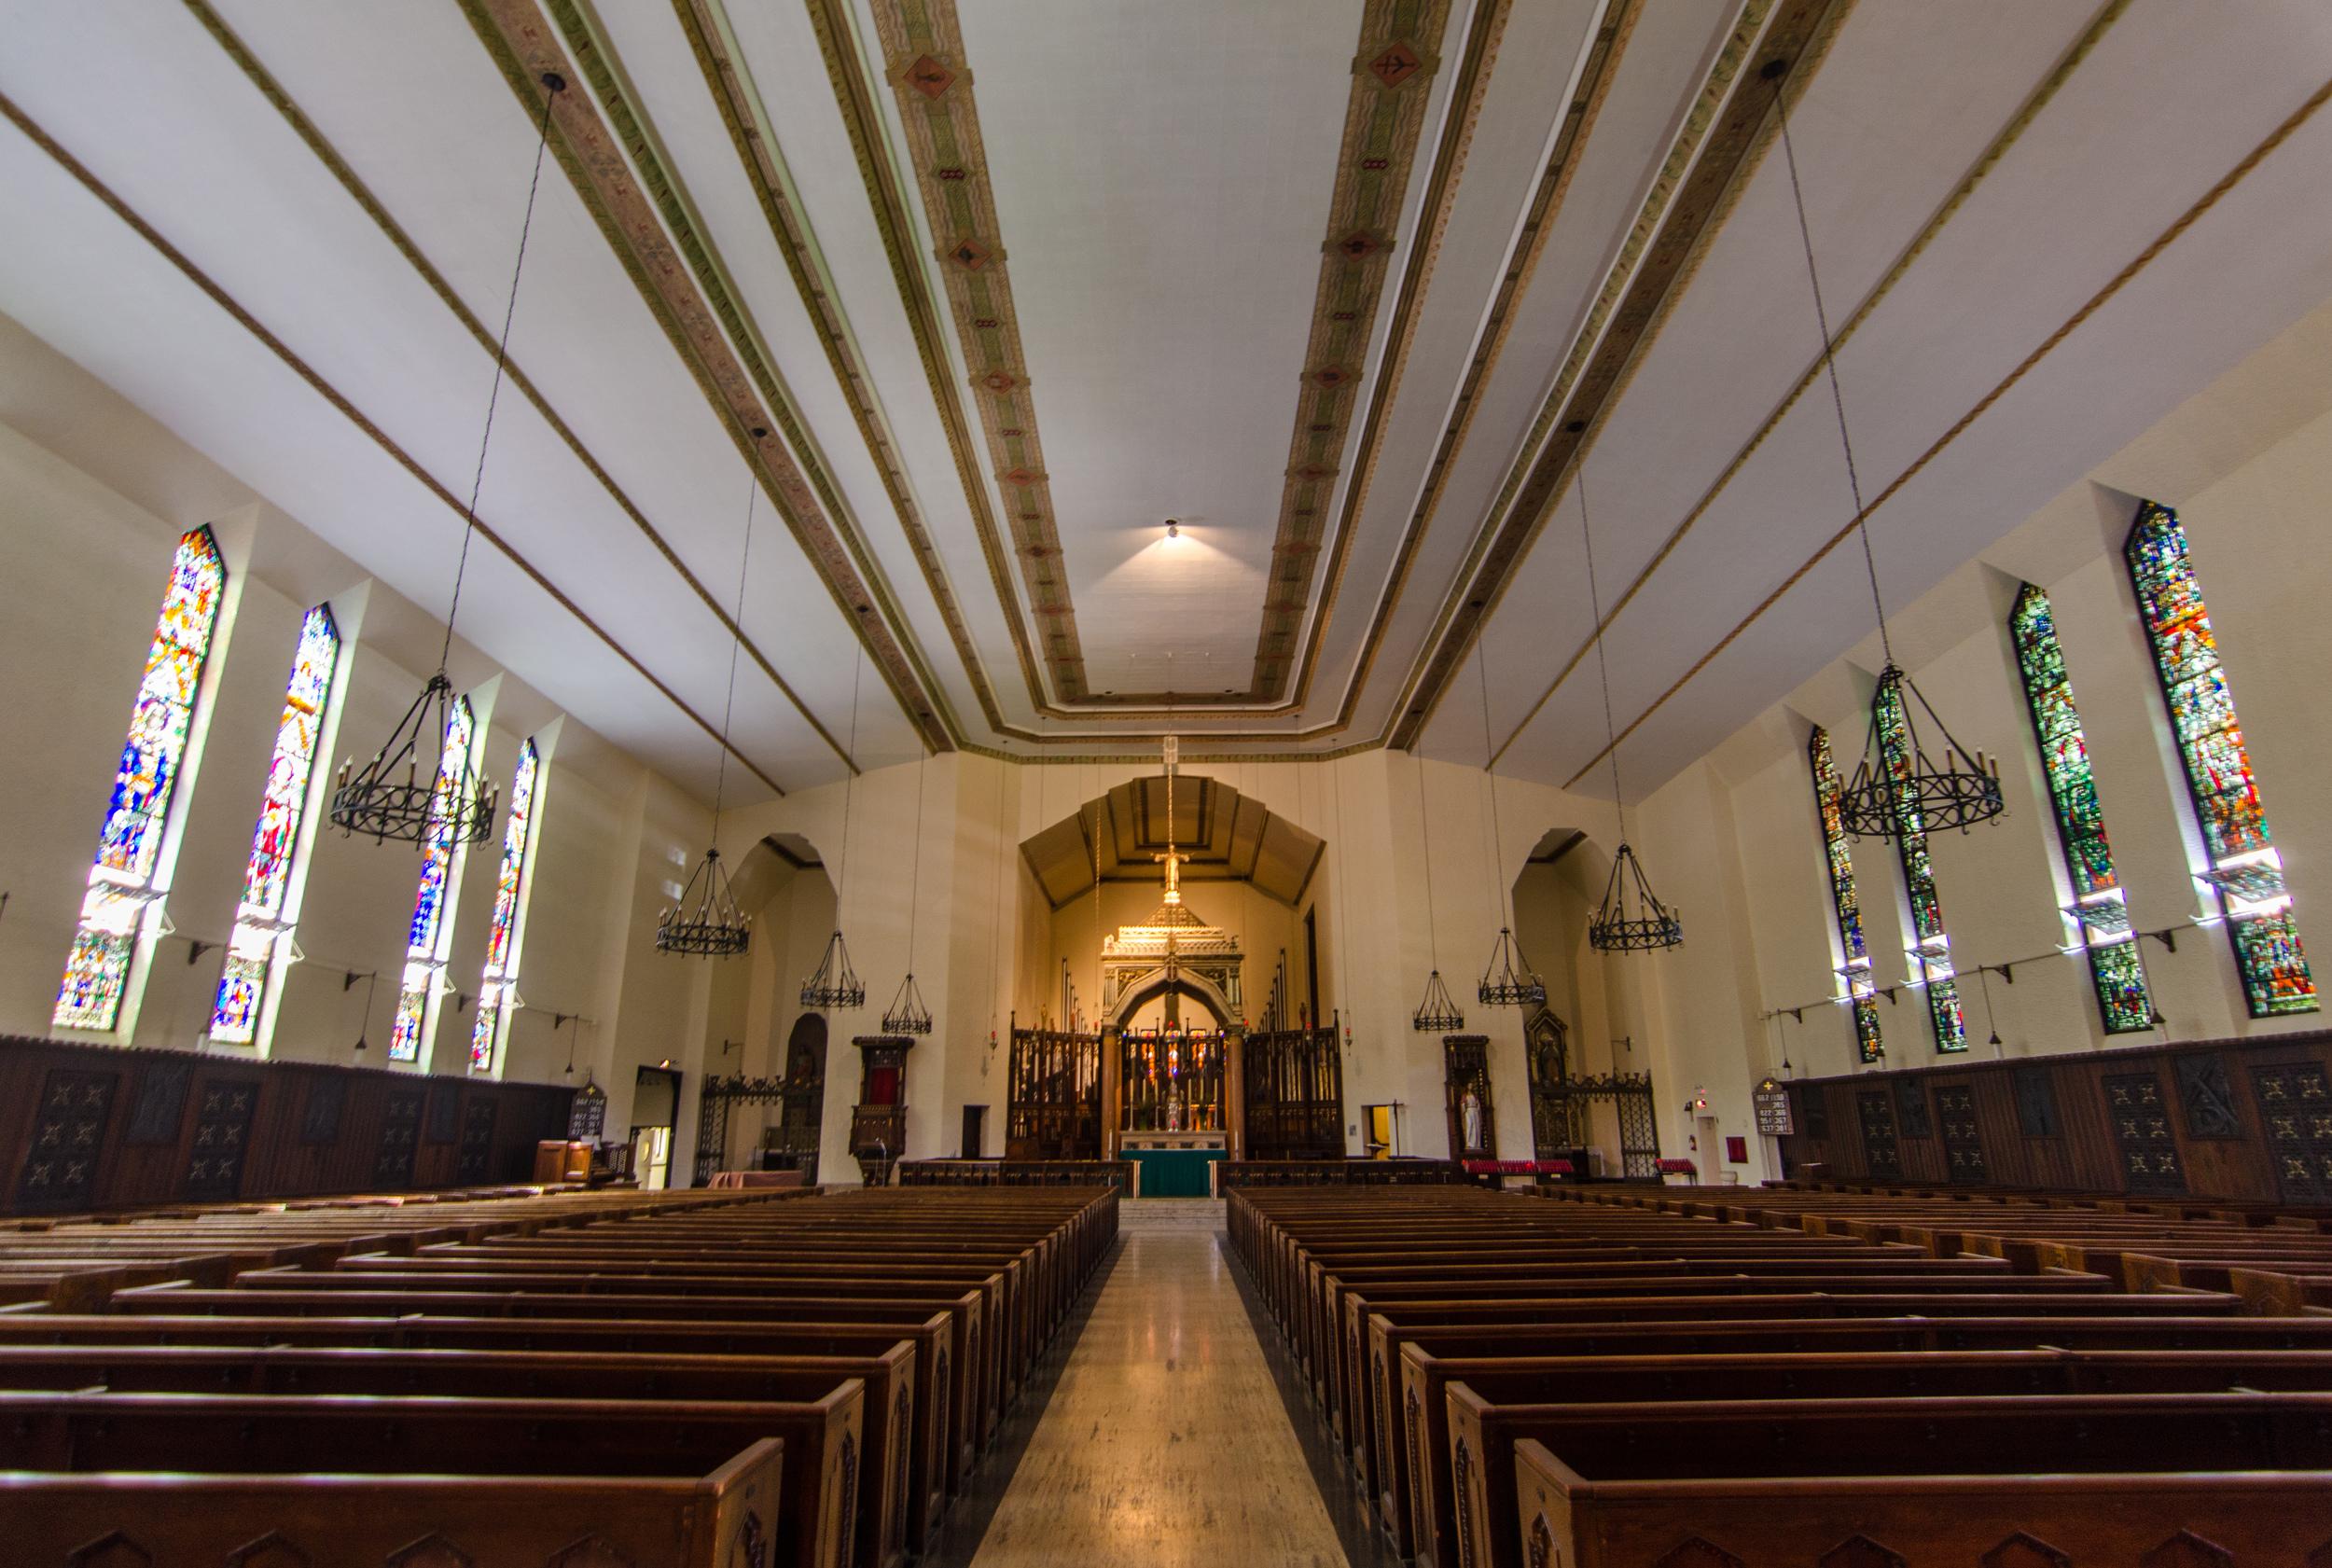 St. Thomas the Apostle Roman Catholic Church